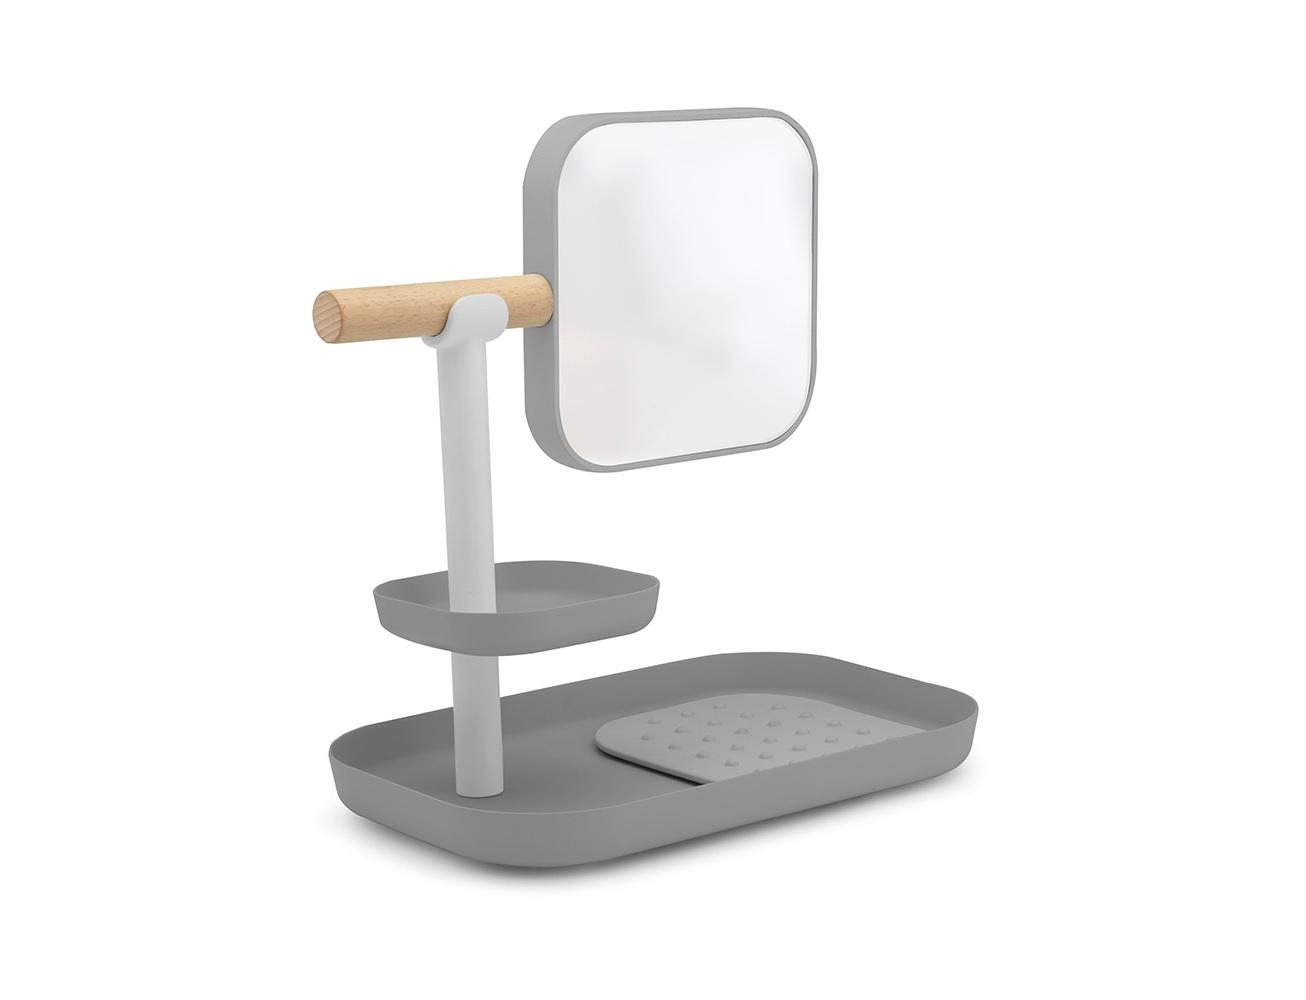 Органайзер с зеркалом VanaХранение украшений<br>Органайзер со съёмным зеркалом и плавными контурами поможет сделать каждодневные процедуры, связанные с нанесением косметики, легче и приятнее. Теперь все мелкие предметы и косметические принадлежности найдут своё место, и при желании их можно переносить одновременно, потому что конструкция органайзера это позволяет. Меньше беспорядка, больше красоты!<br><br>Material: Пластик<br>Width см: 27,9<br>Depth см: 17,8<br>Height см: 29,1